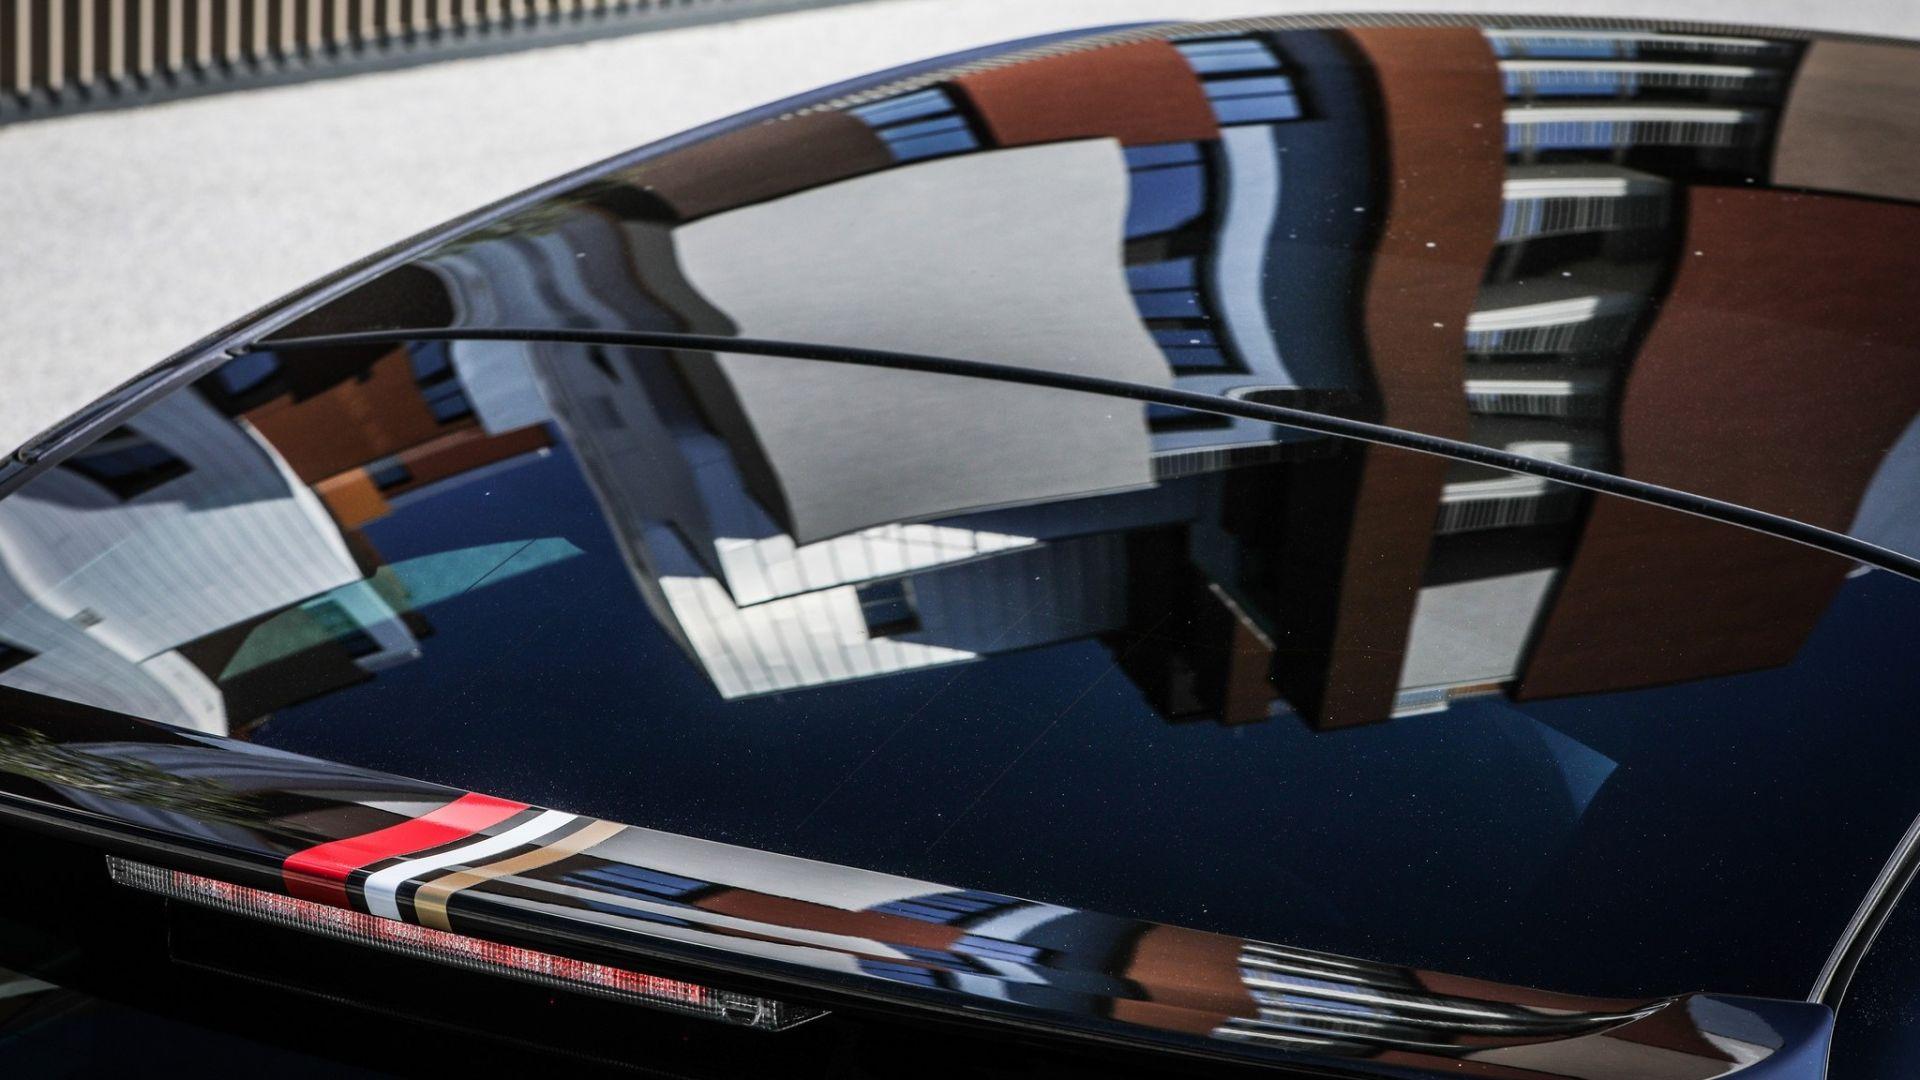 Ds 5 2 0 bluehdi 180cv performance line la prova su for Prezzo del pacchetto di 2 box auto